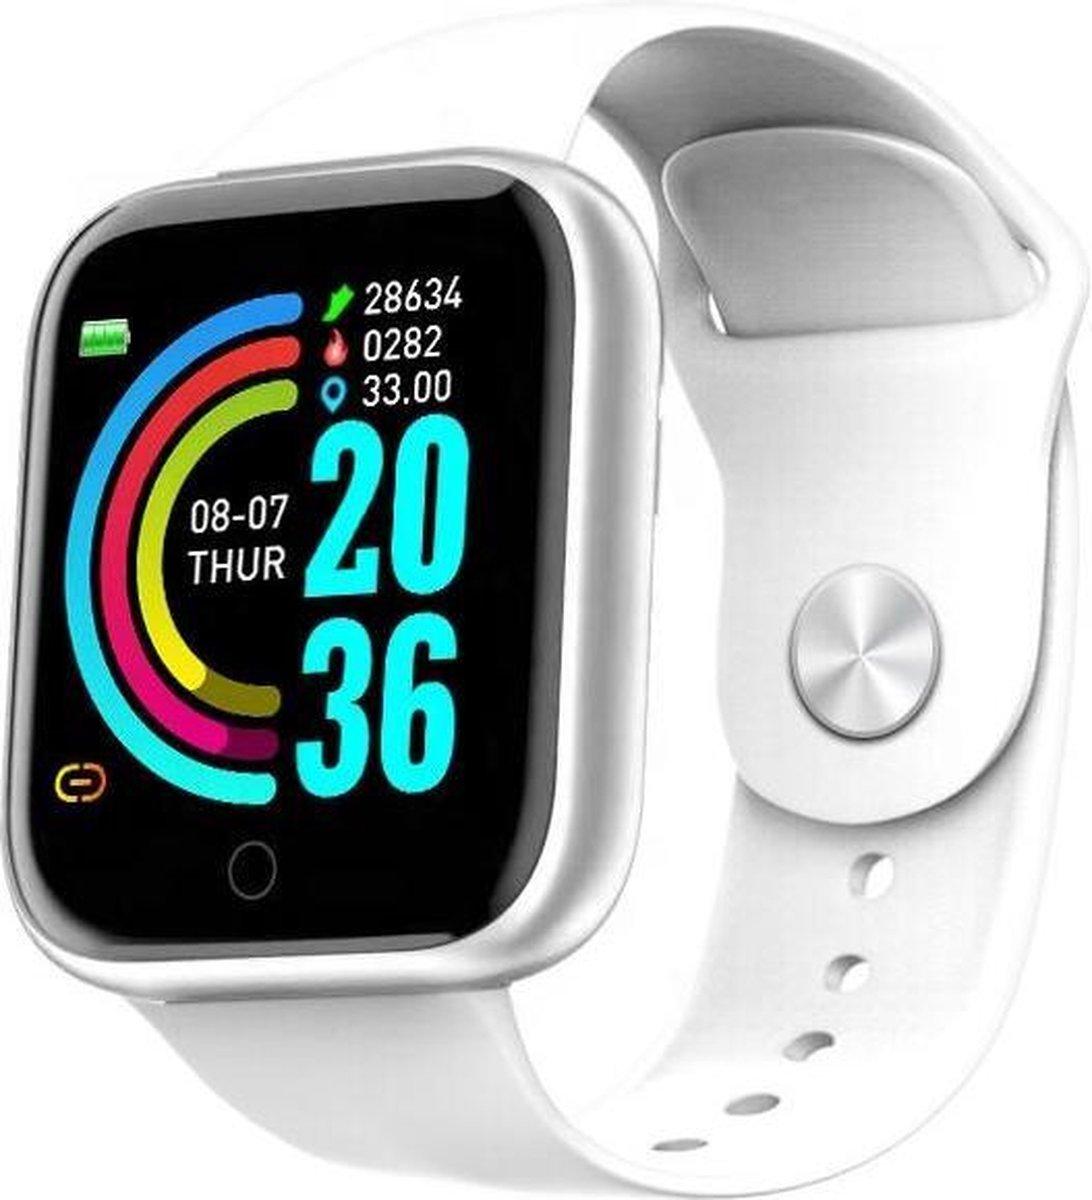 Belesy® Base - Smartwatch - Horloge - 1,3 inch Kleurenscherm - Stappenteller - Bloeddrukmeter - Verbrande calorieën - 3x sportmodus - Siliconen - Roze kopen